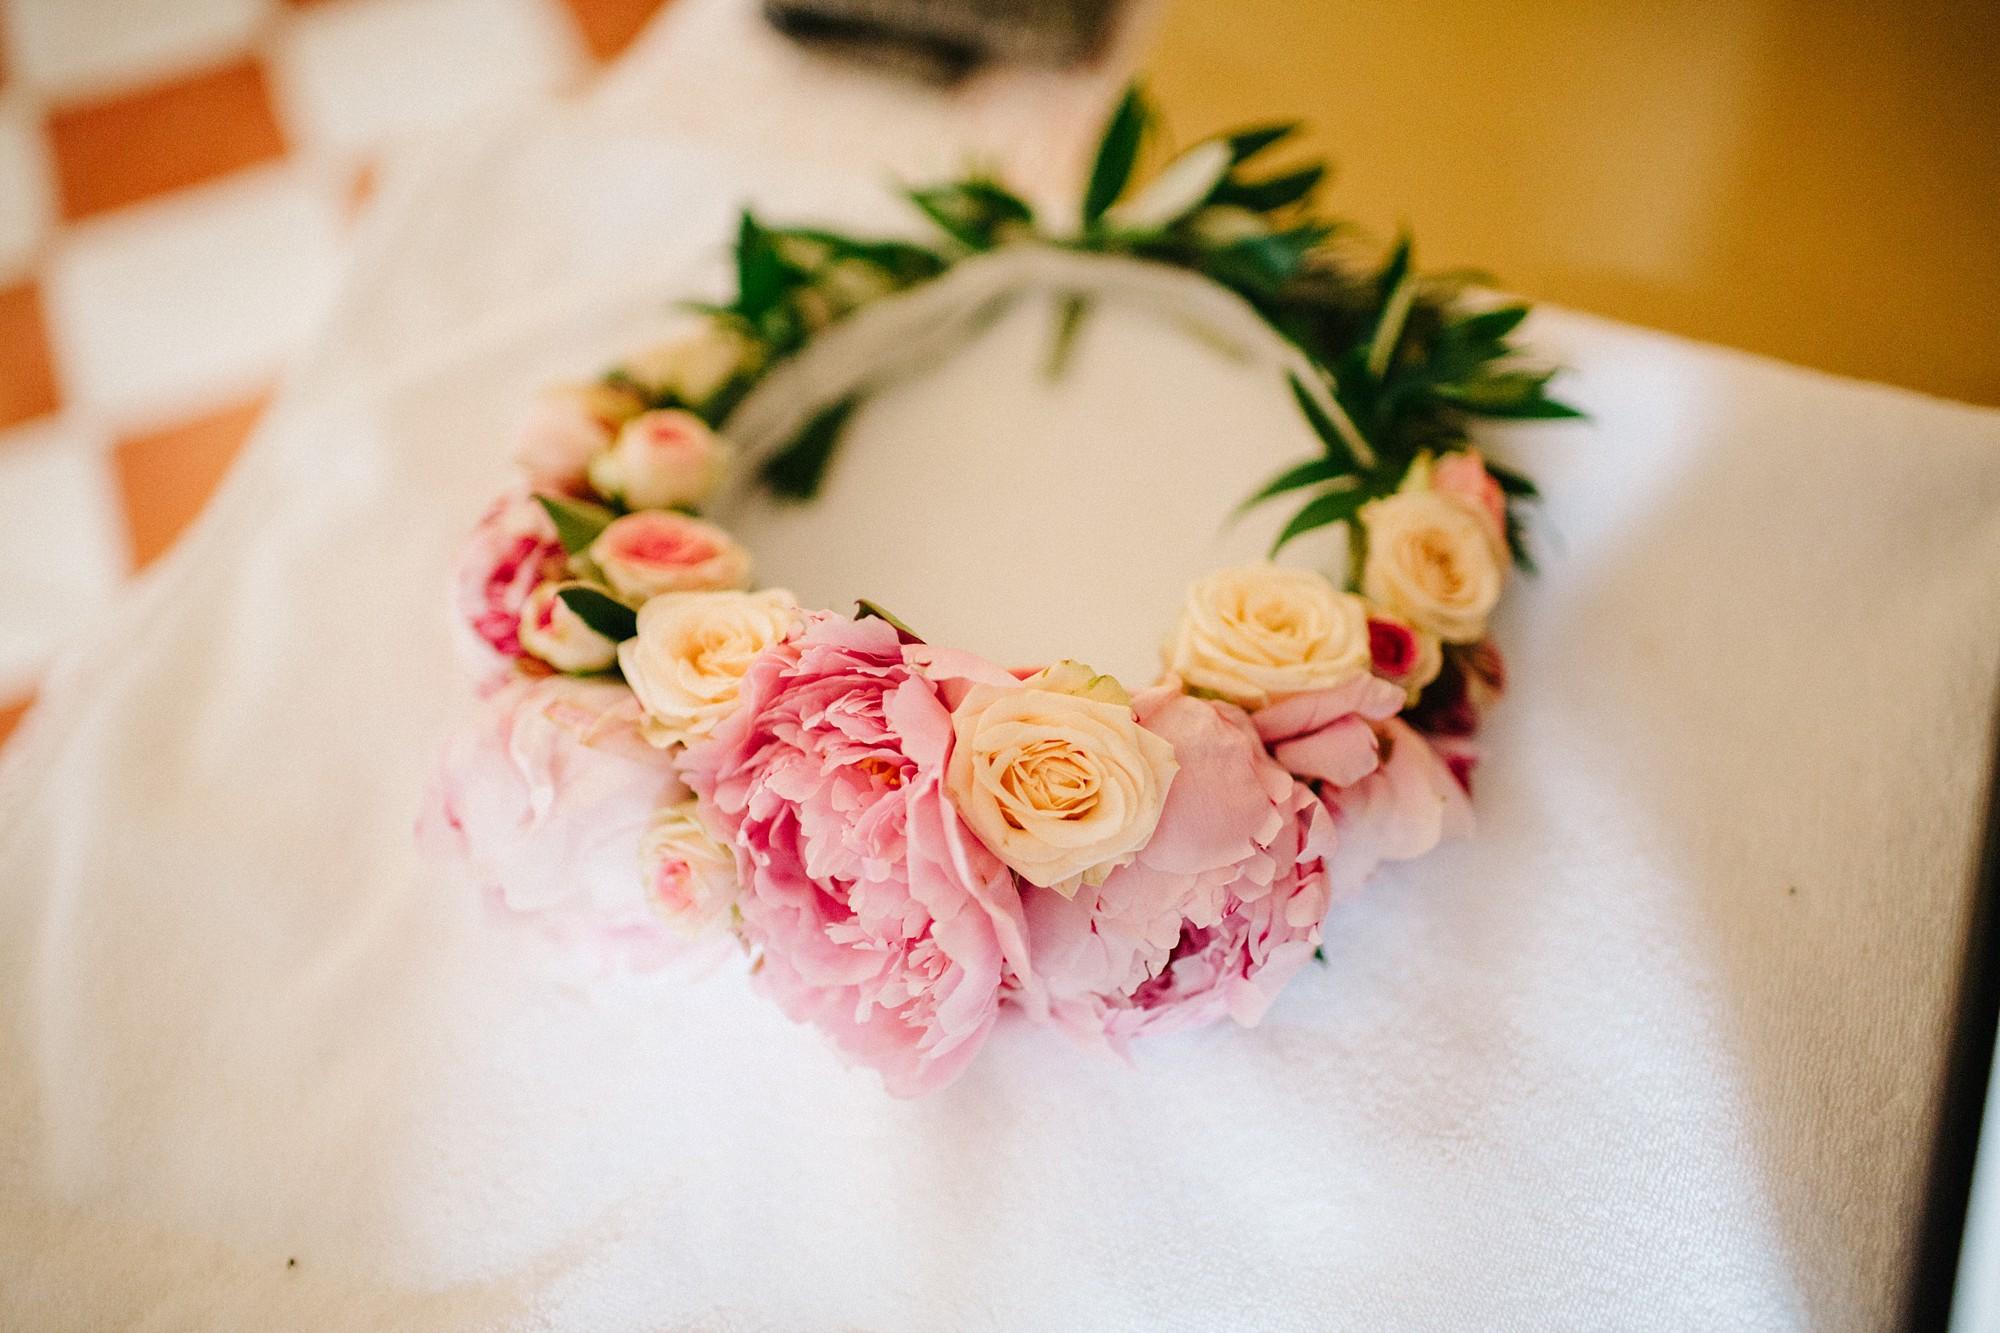 fotografos de boda en valencia barcelona mallorca wedding photographer044.jpg